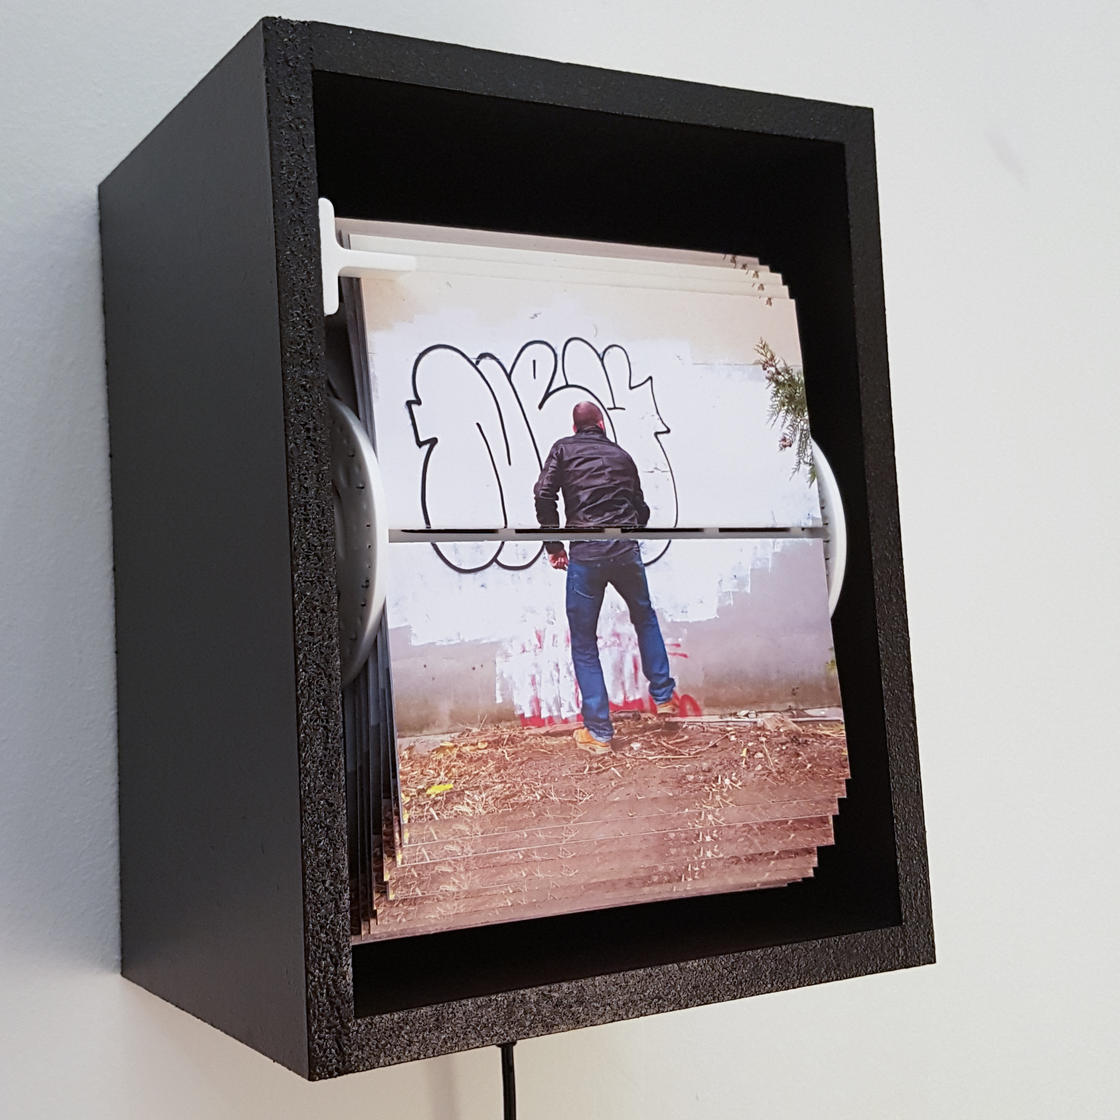 perpetual-vandal-box-parse-error-loqueva (5)